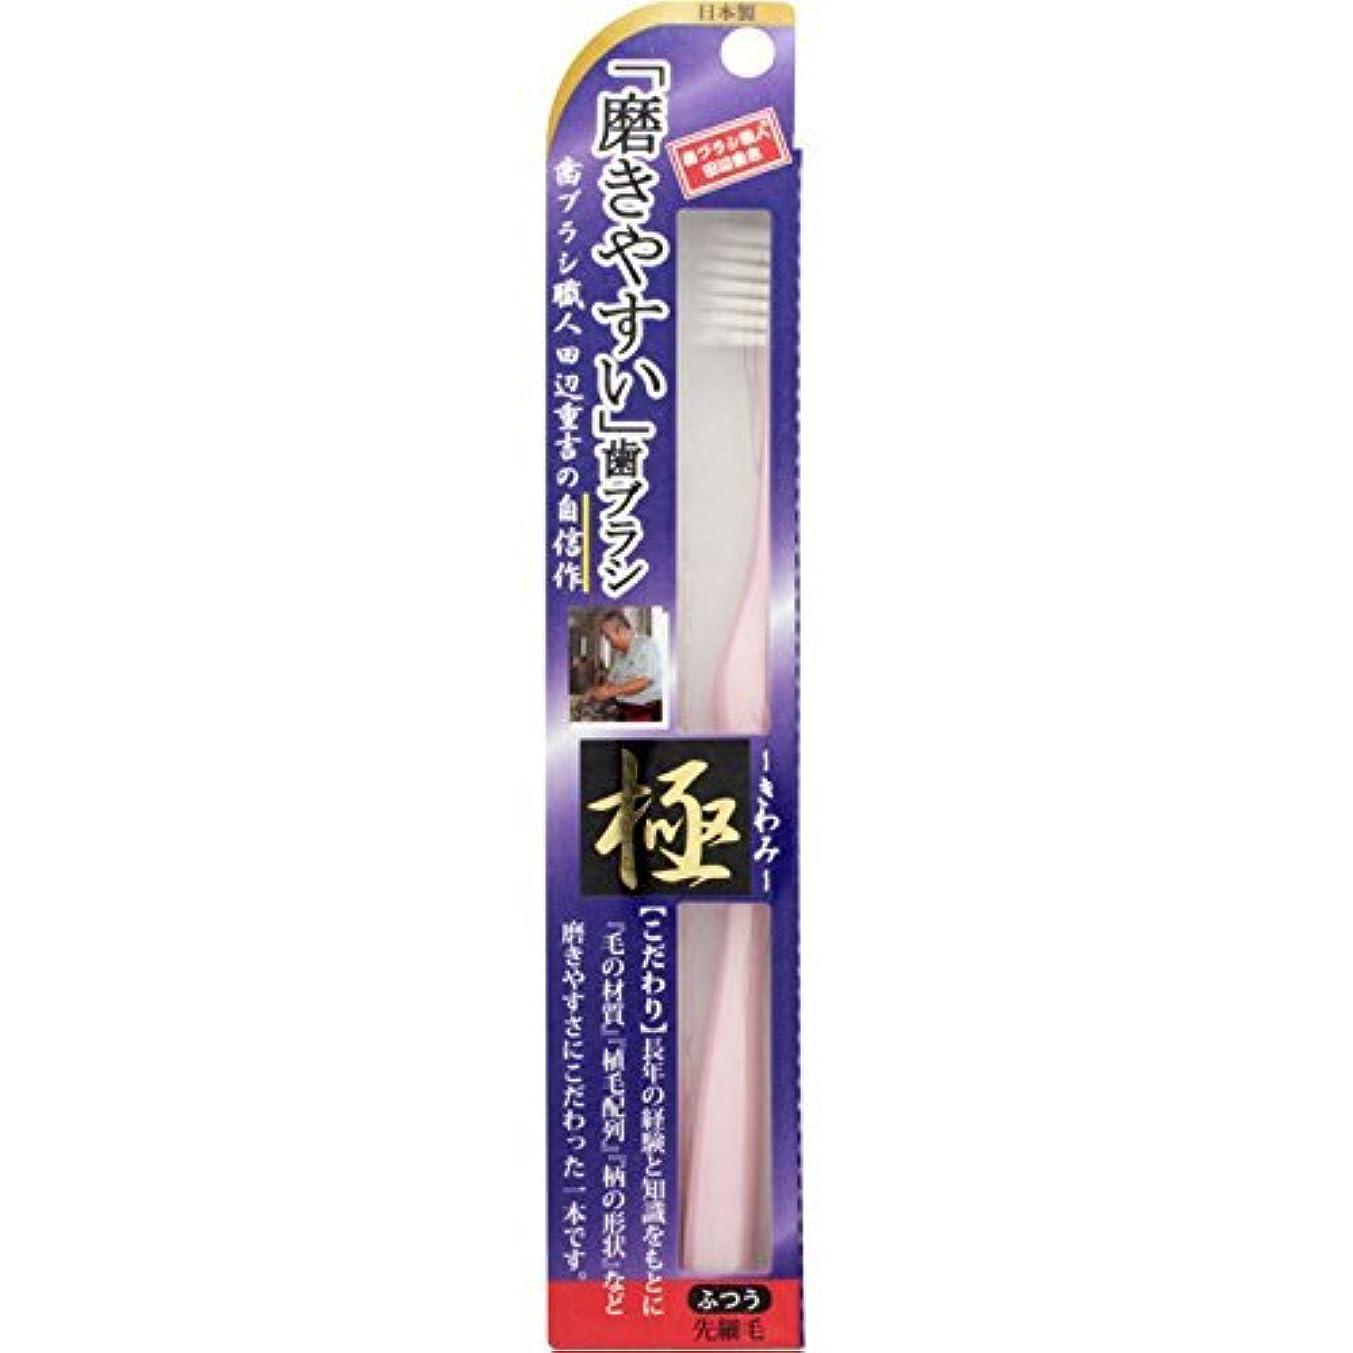 失望させる考える撤退【まとめ買い】磨きやすい歯ブラシ 極 LT-22 ×2個